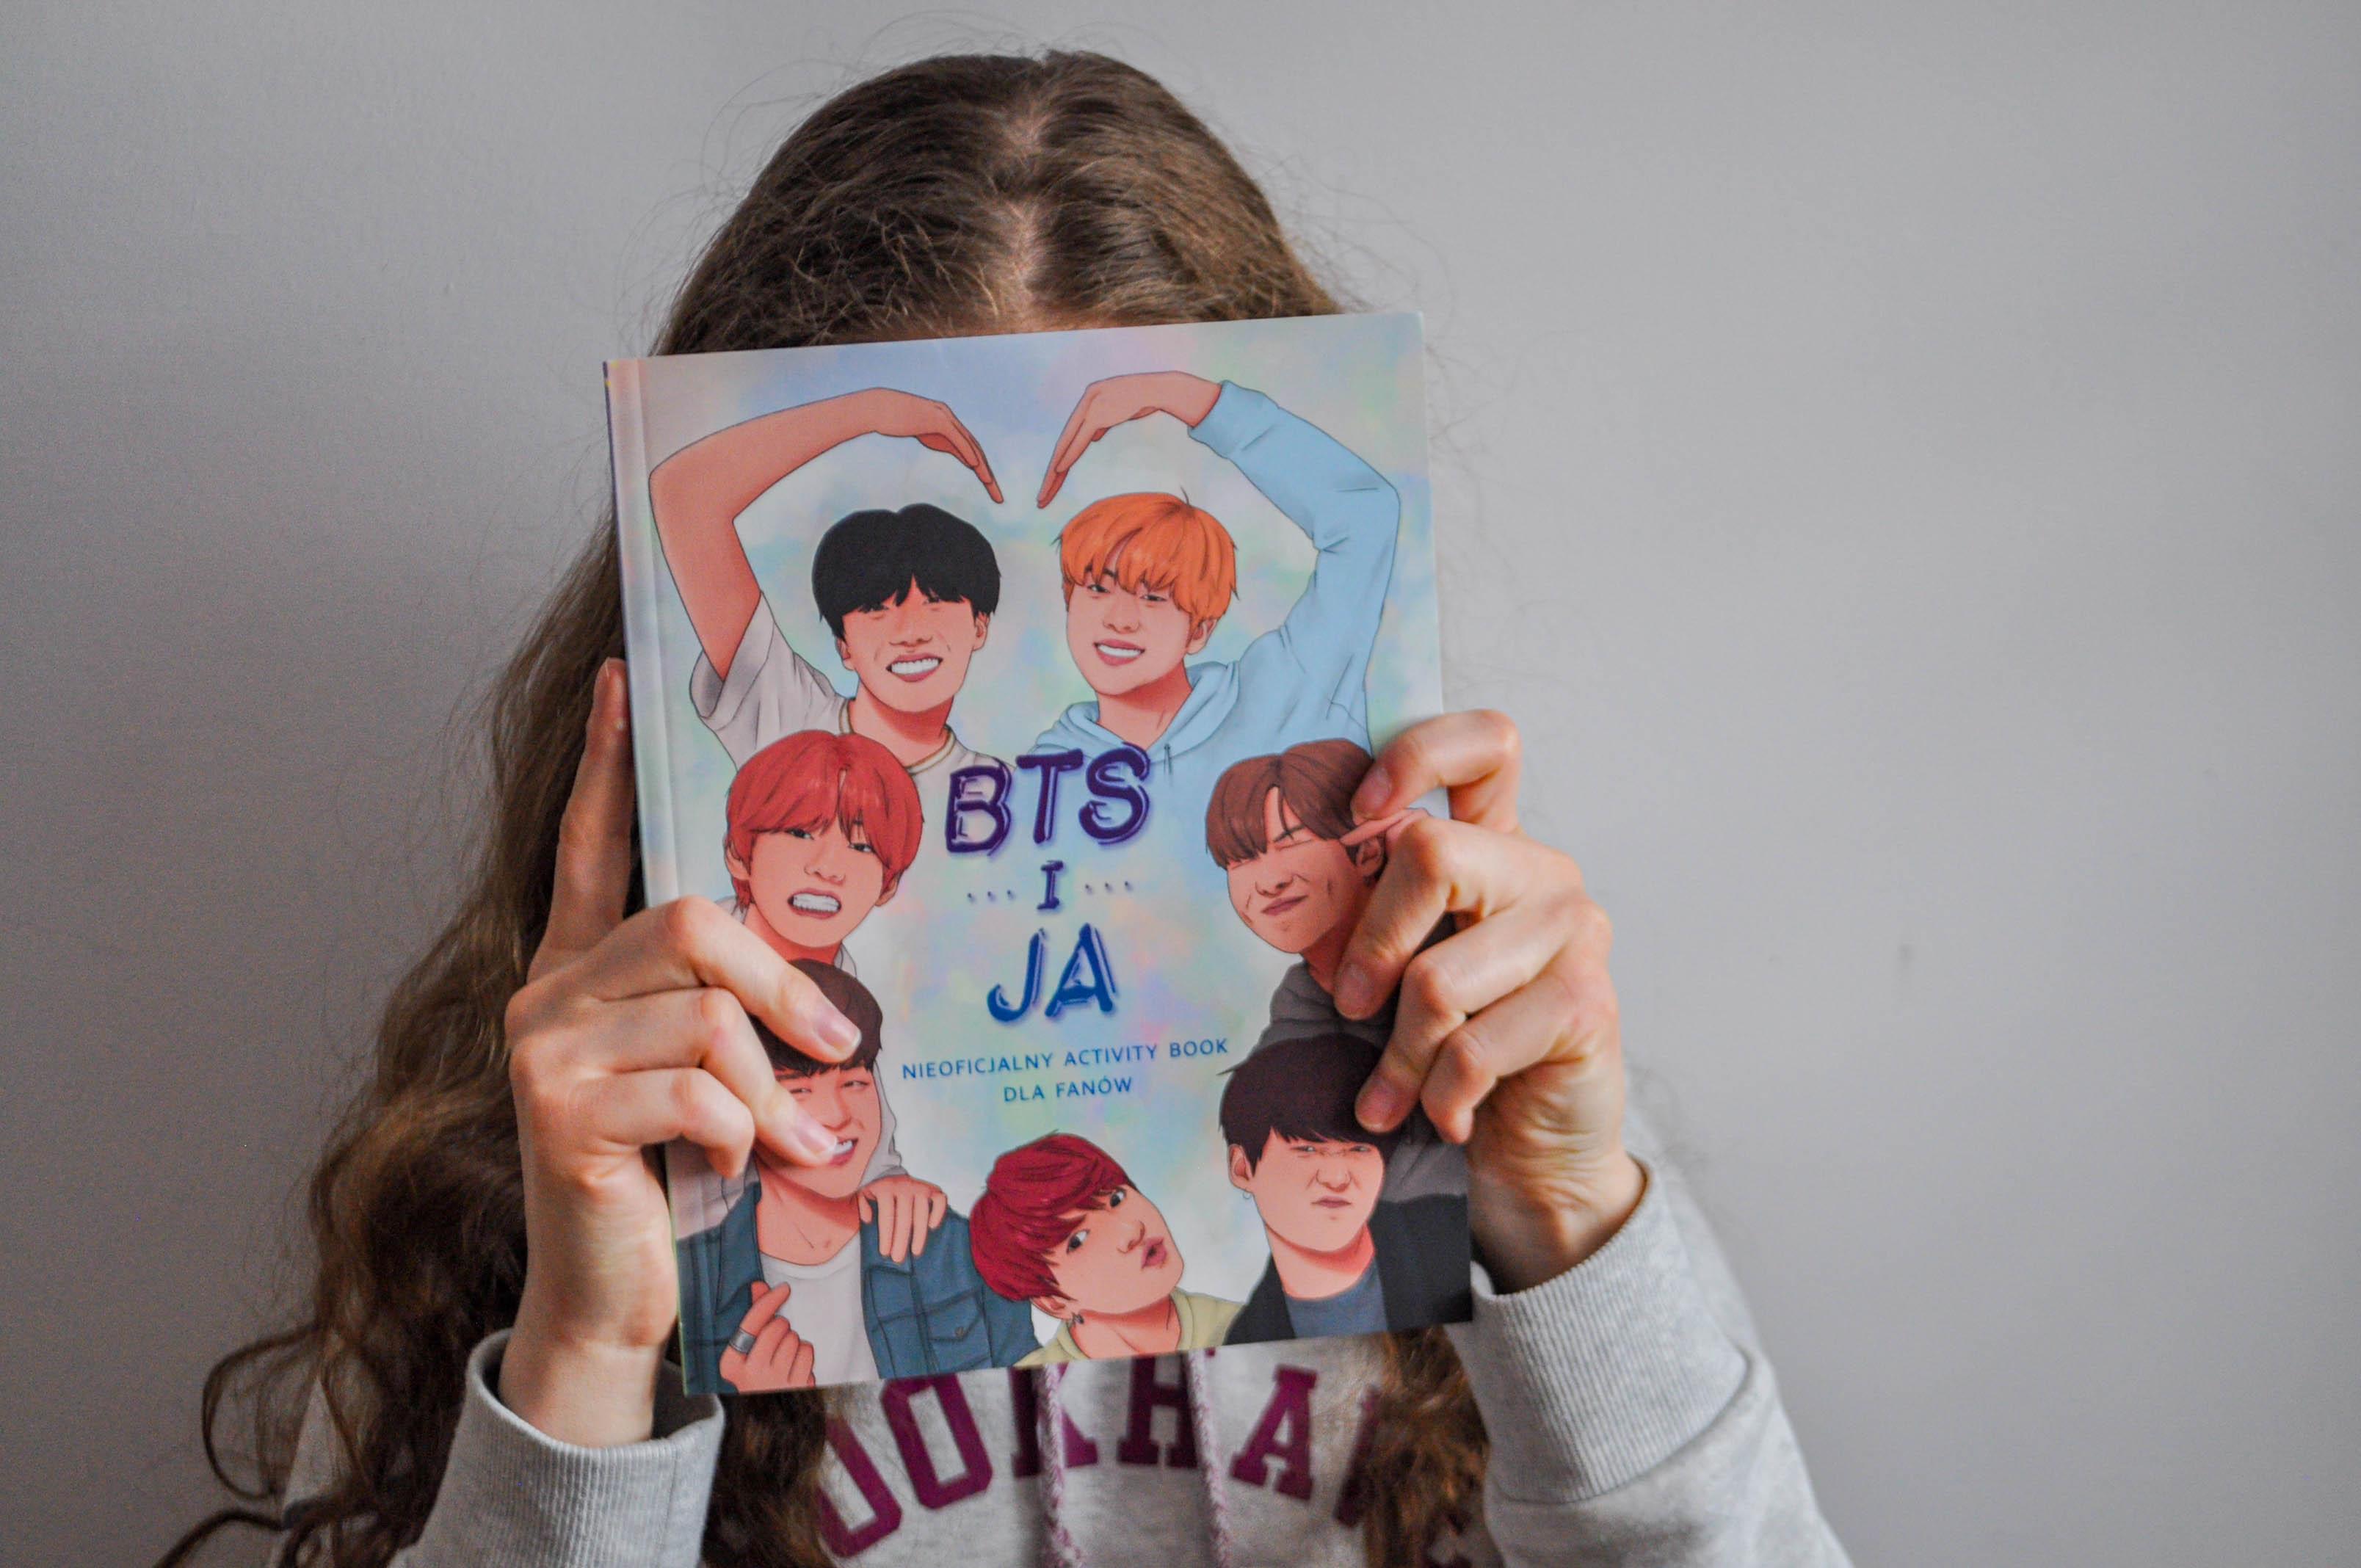 """""""BTS I JA Nieoficjalny activity book dla fanów"""" - Becca Wright 📘📖"""